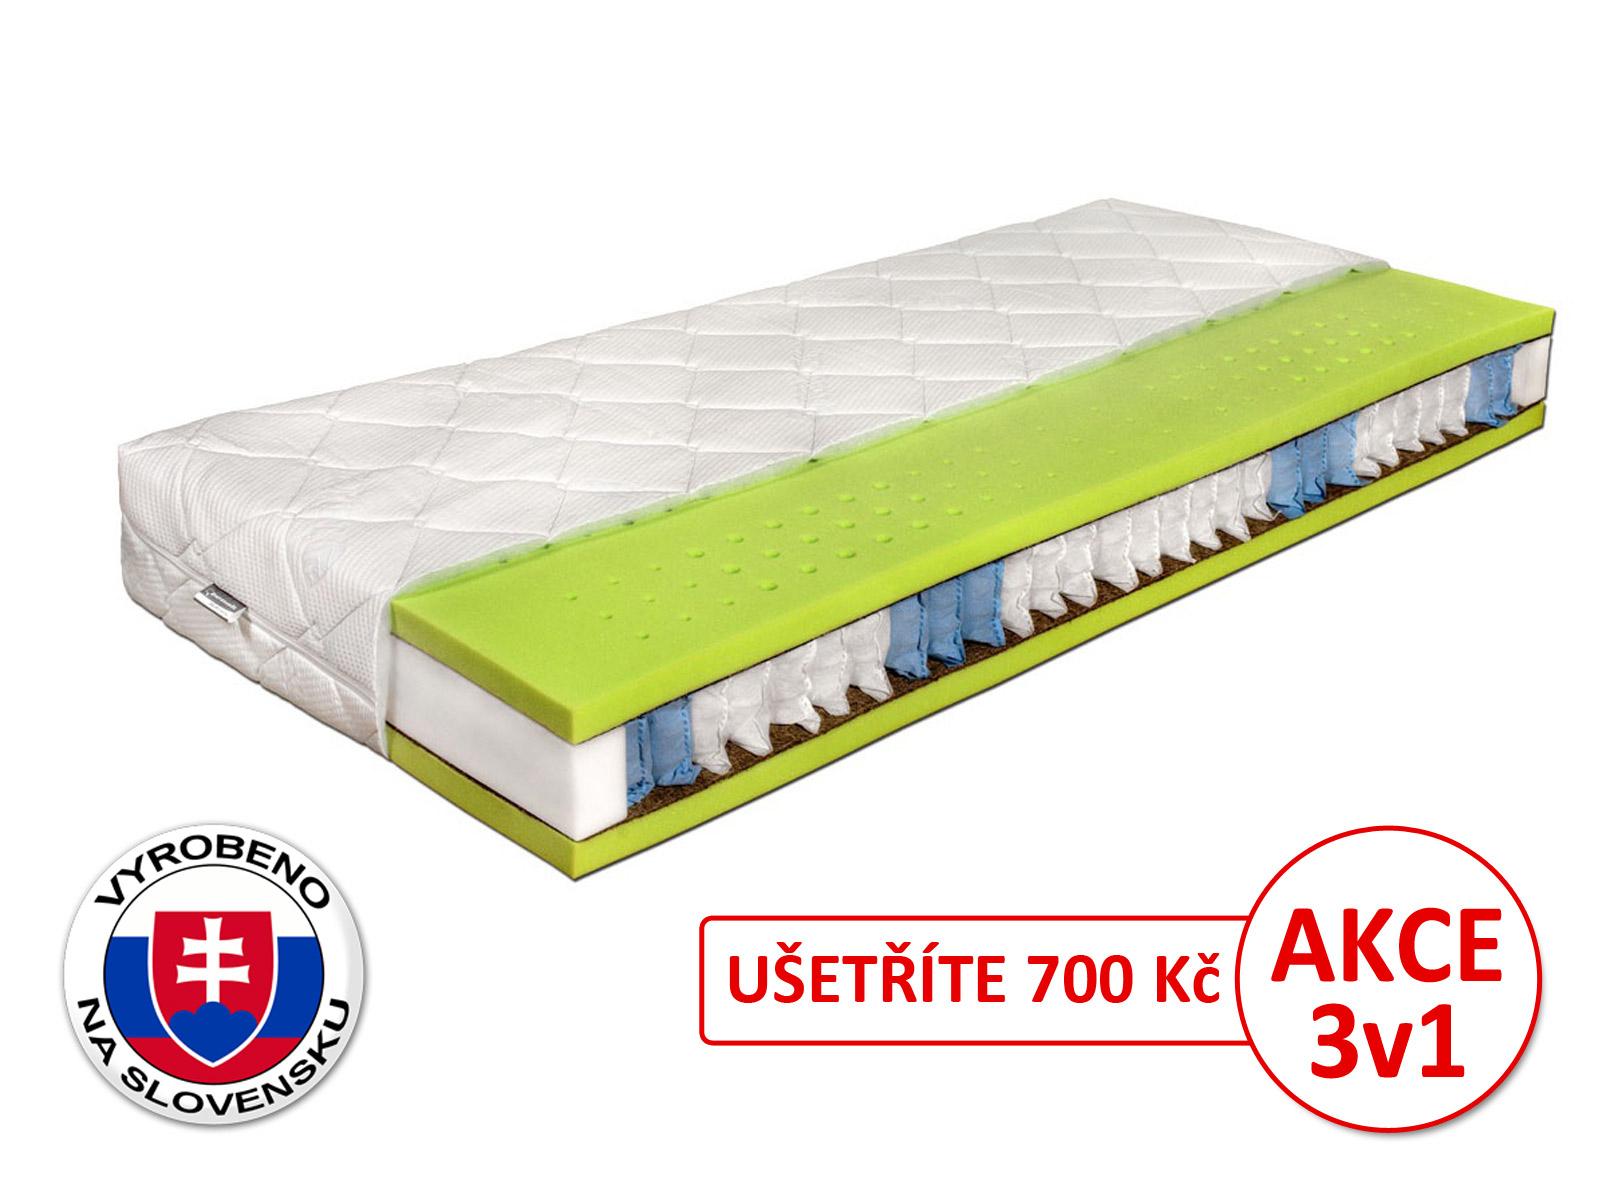 Taštičková matrace - Benab - Seven Zone Ergonomic - 200x90 cm (T3/T4). Ortopedická matrace pro náročné, vyrobená na Slovensku, s přizpůsobivým 7-zónovým jádrem, s příměsí kokosového vlákna a s antibakteriálním potahem.